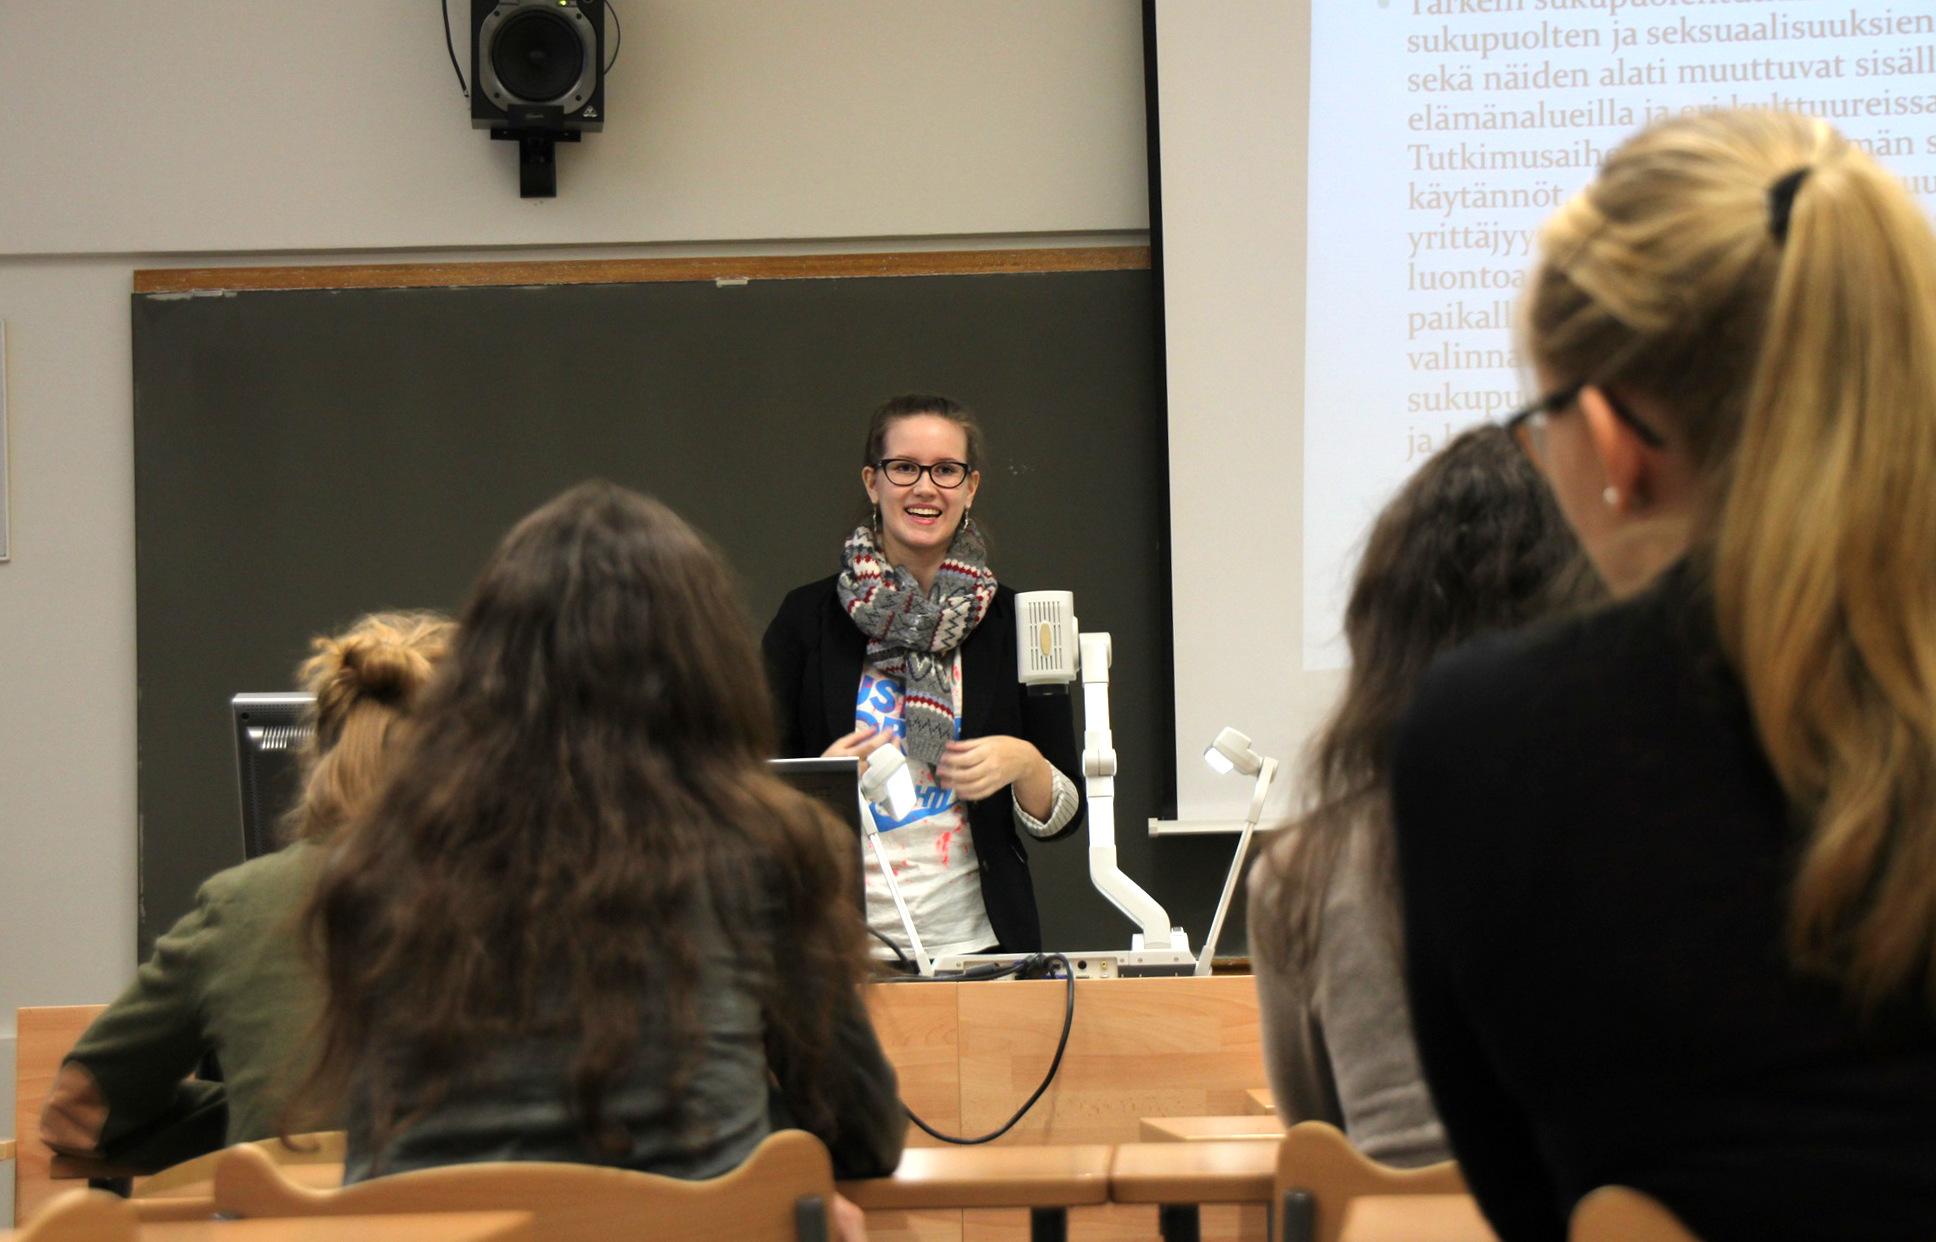 Anni Sepponen kertoo sosiaalitieteiden opiskelusta